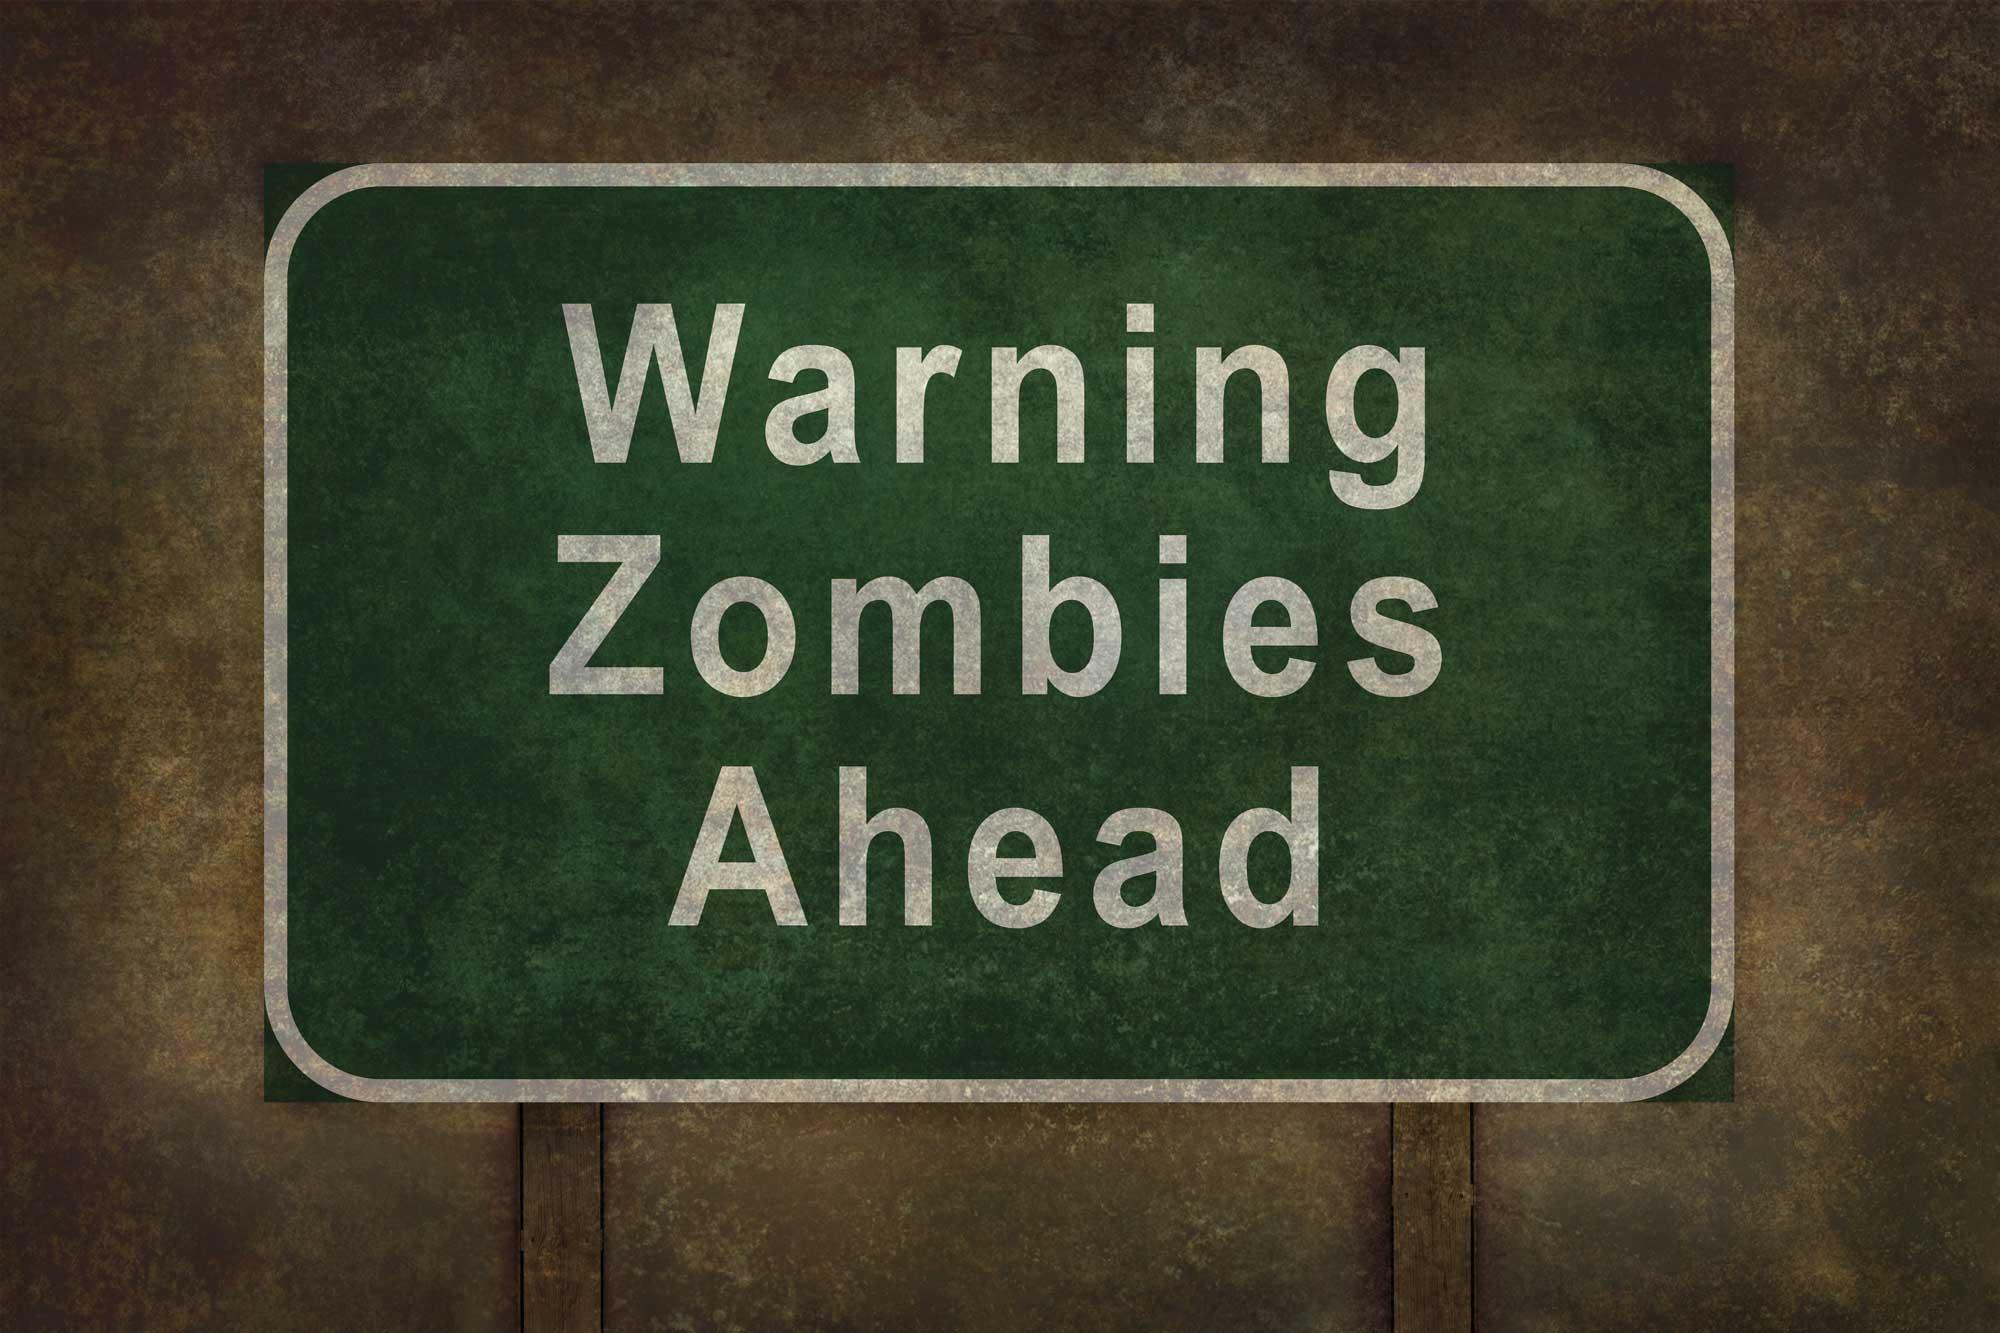 Zombie ahead